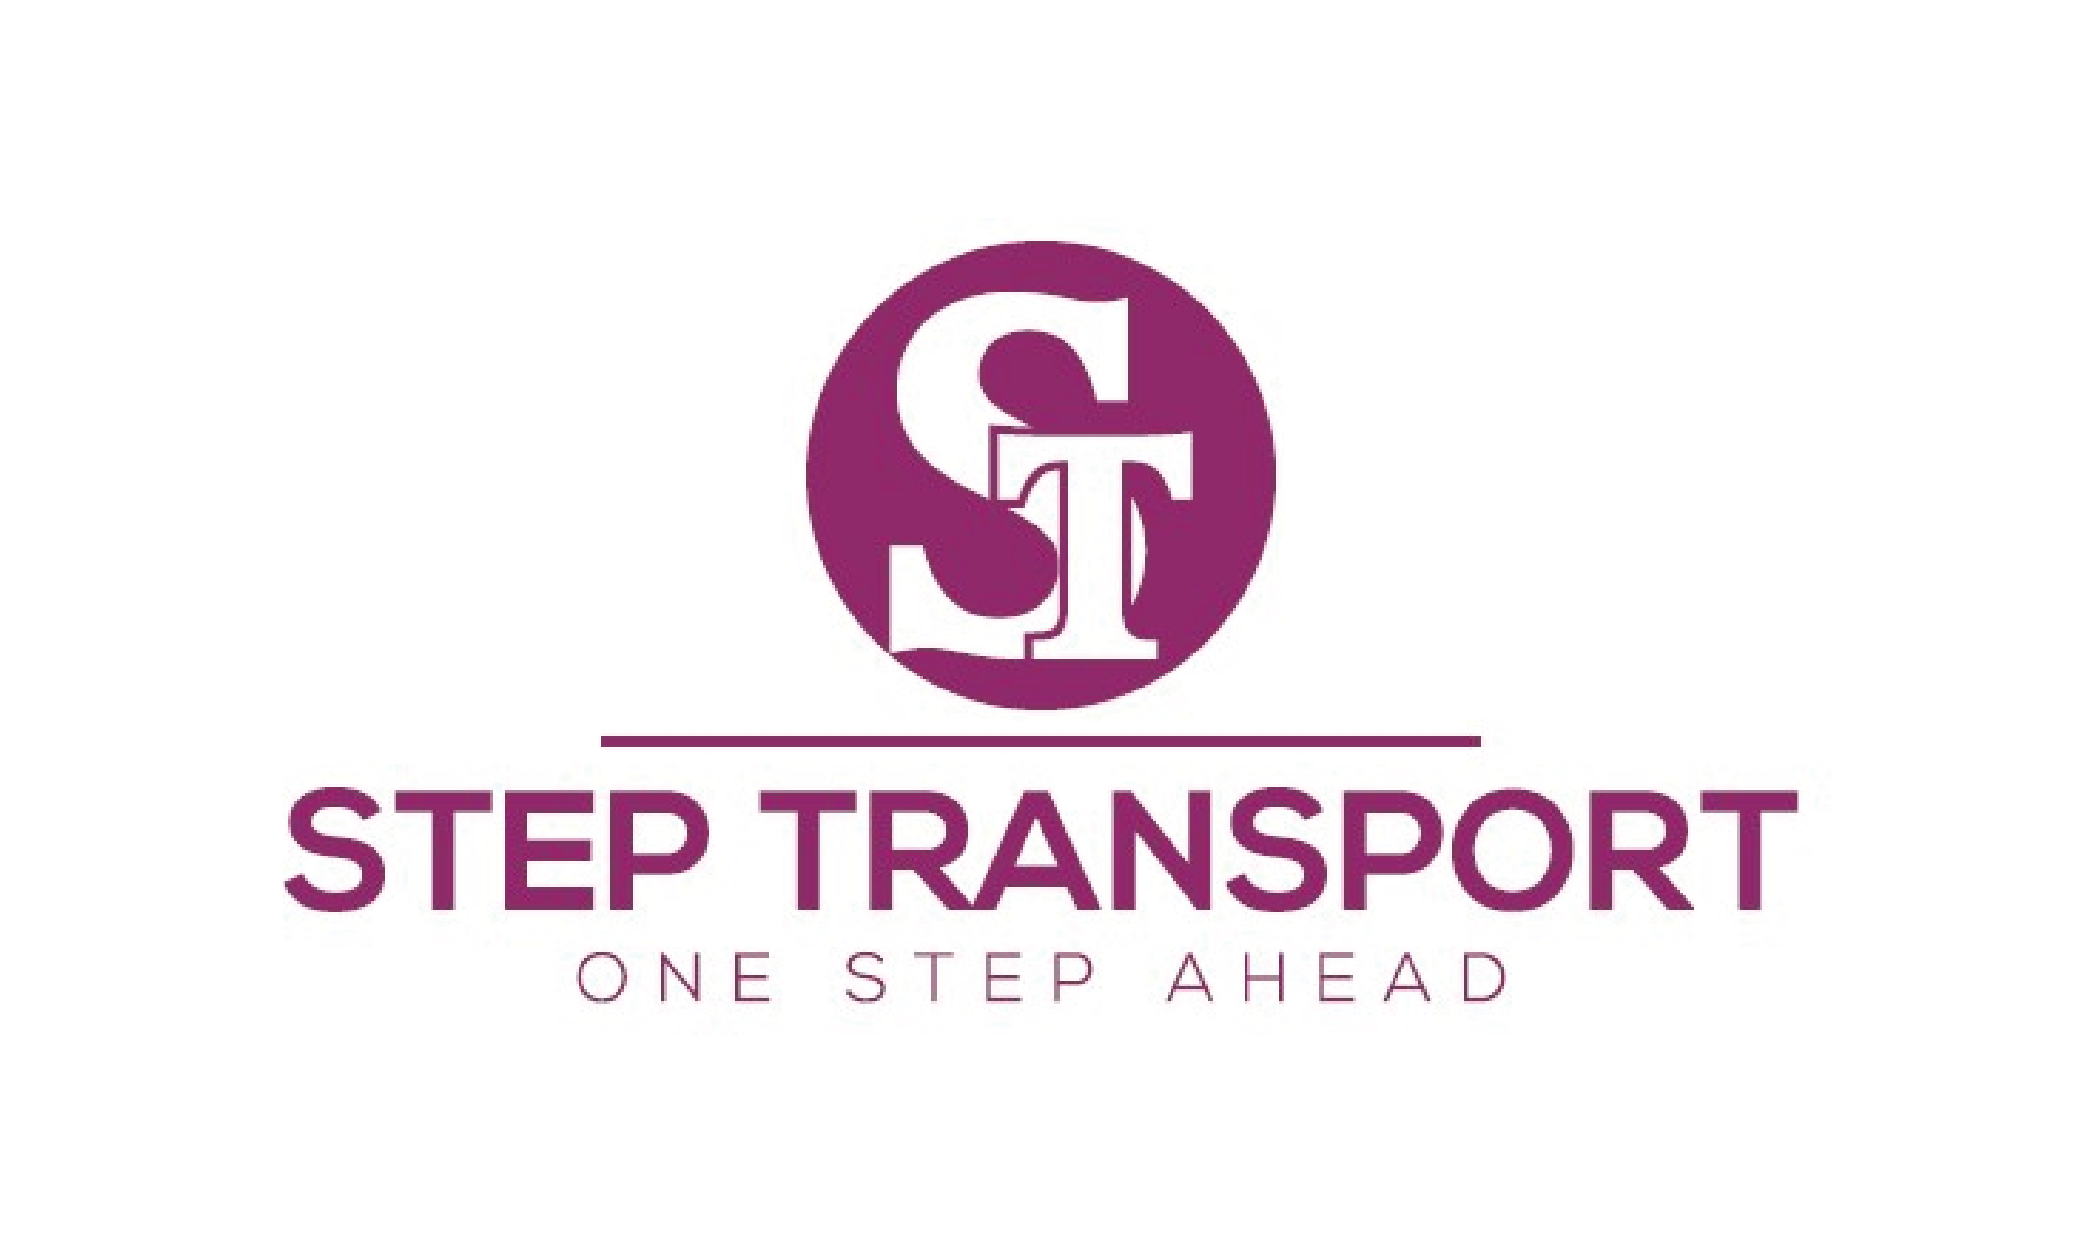 Step Transport, find dit Bizz Up Magasin, Distribution, find magasin, Bizz Up, Bizzup.dk